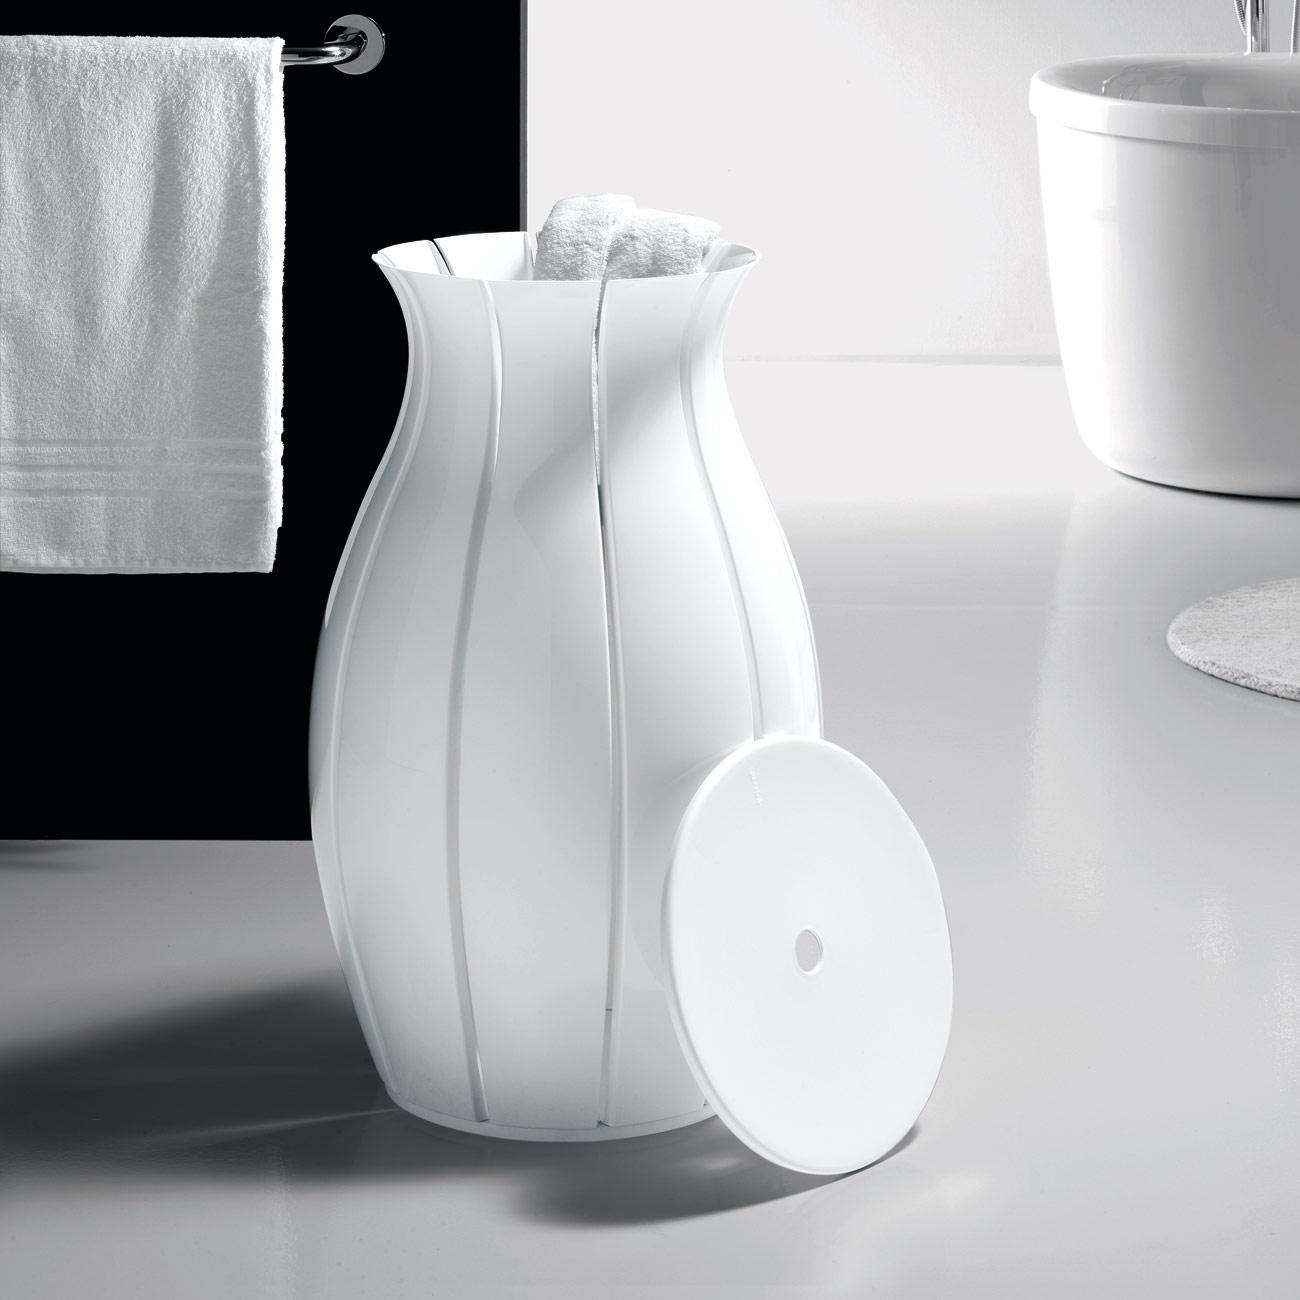 Un objet remarquable dans votre salle de bain raffinu00e9e : le panier u00e0 ...